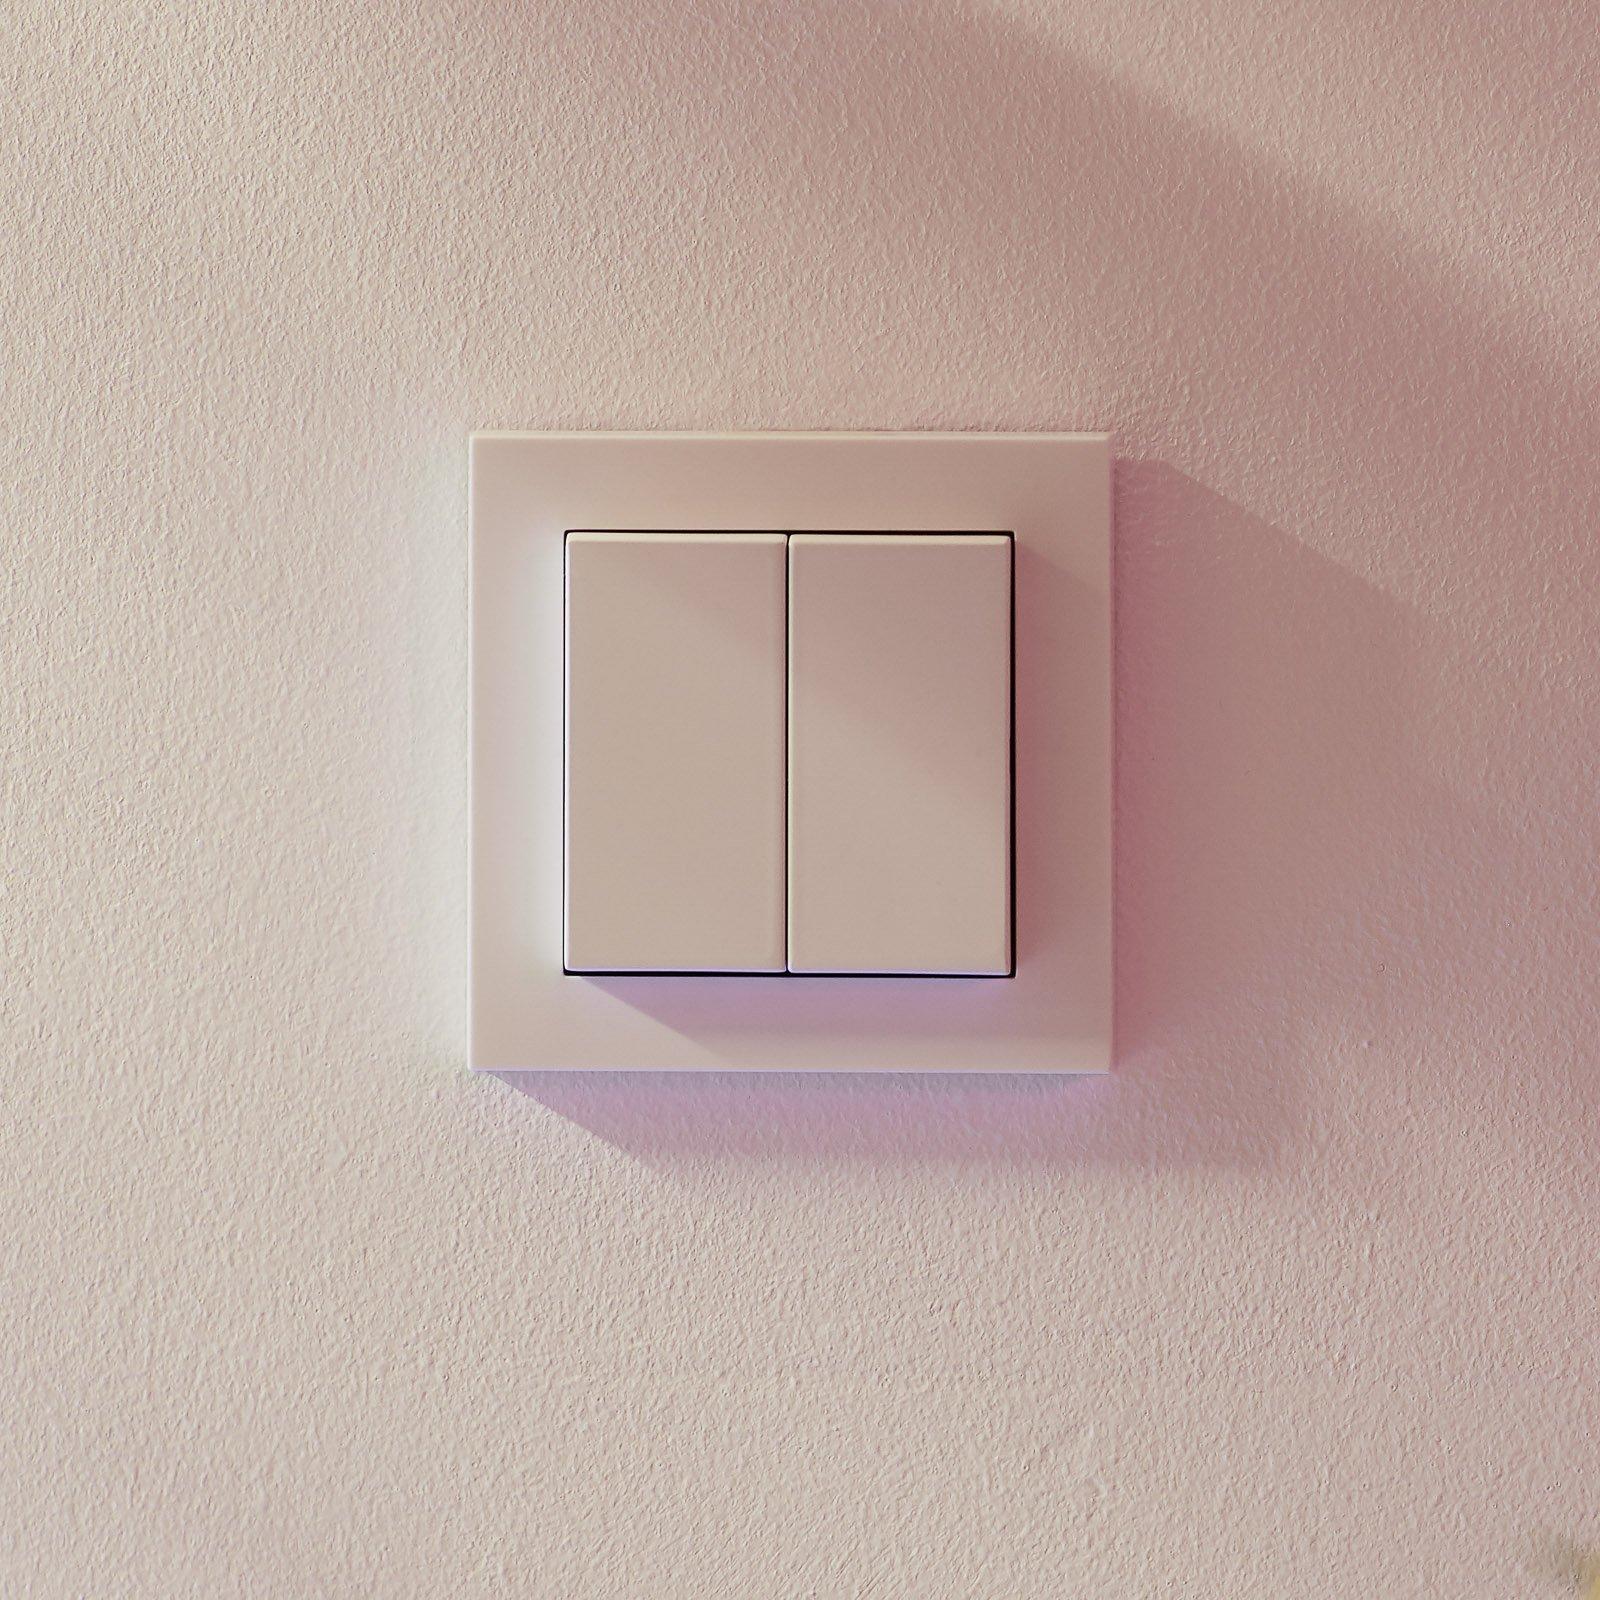 Senic Smart Switch for Philips Hue, 3er, hvit matt